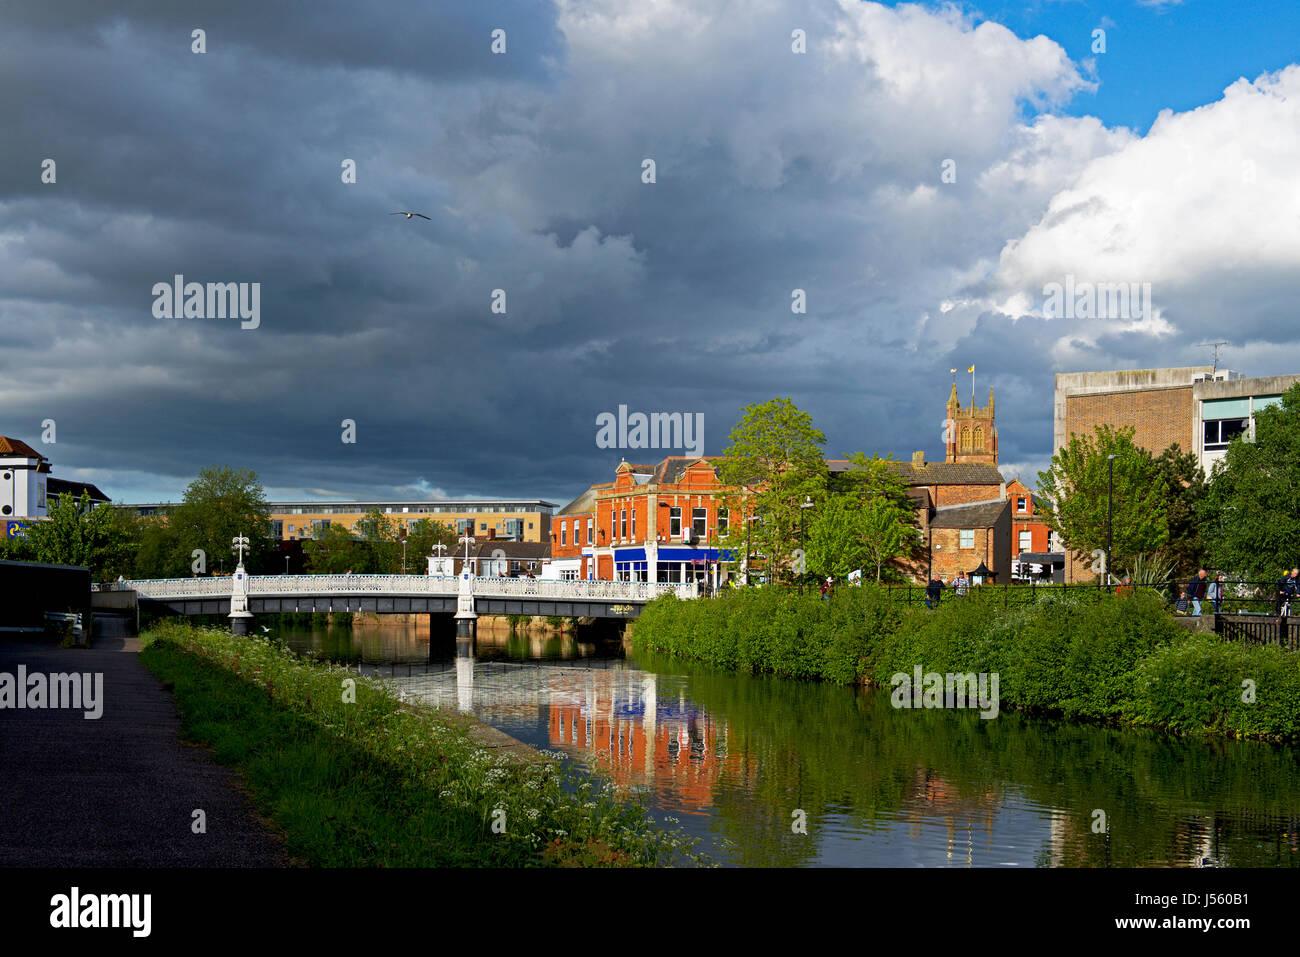 Il tono di fiume in Taunton, Somerset, Inghilterra, Regno Unito Immagini Stock